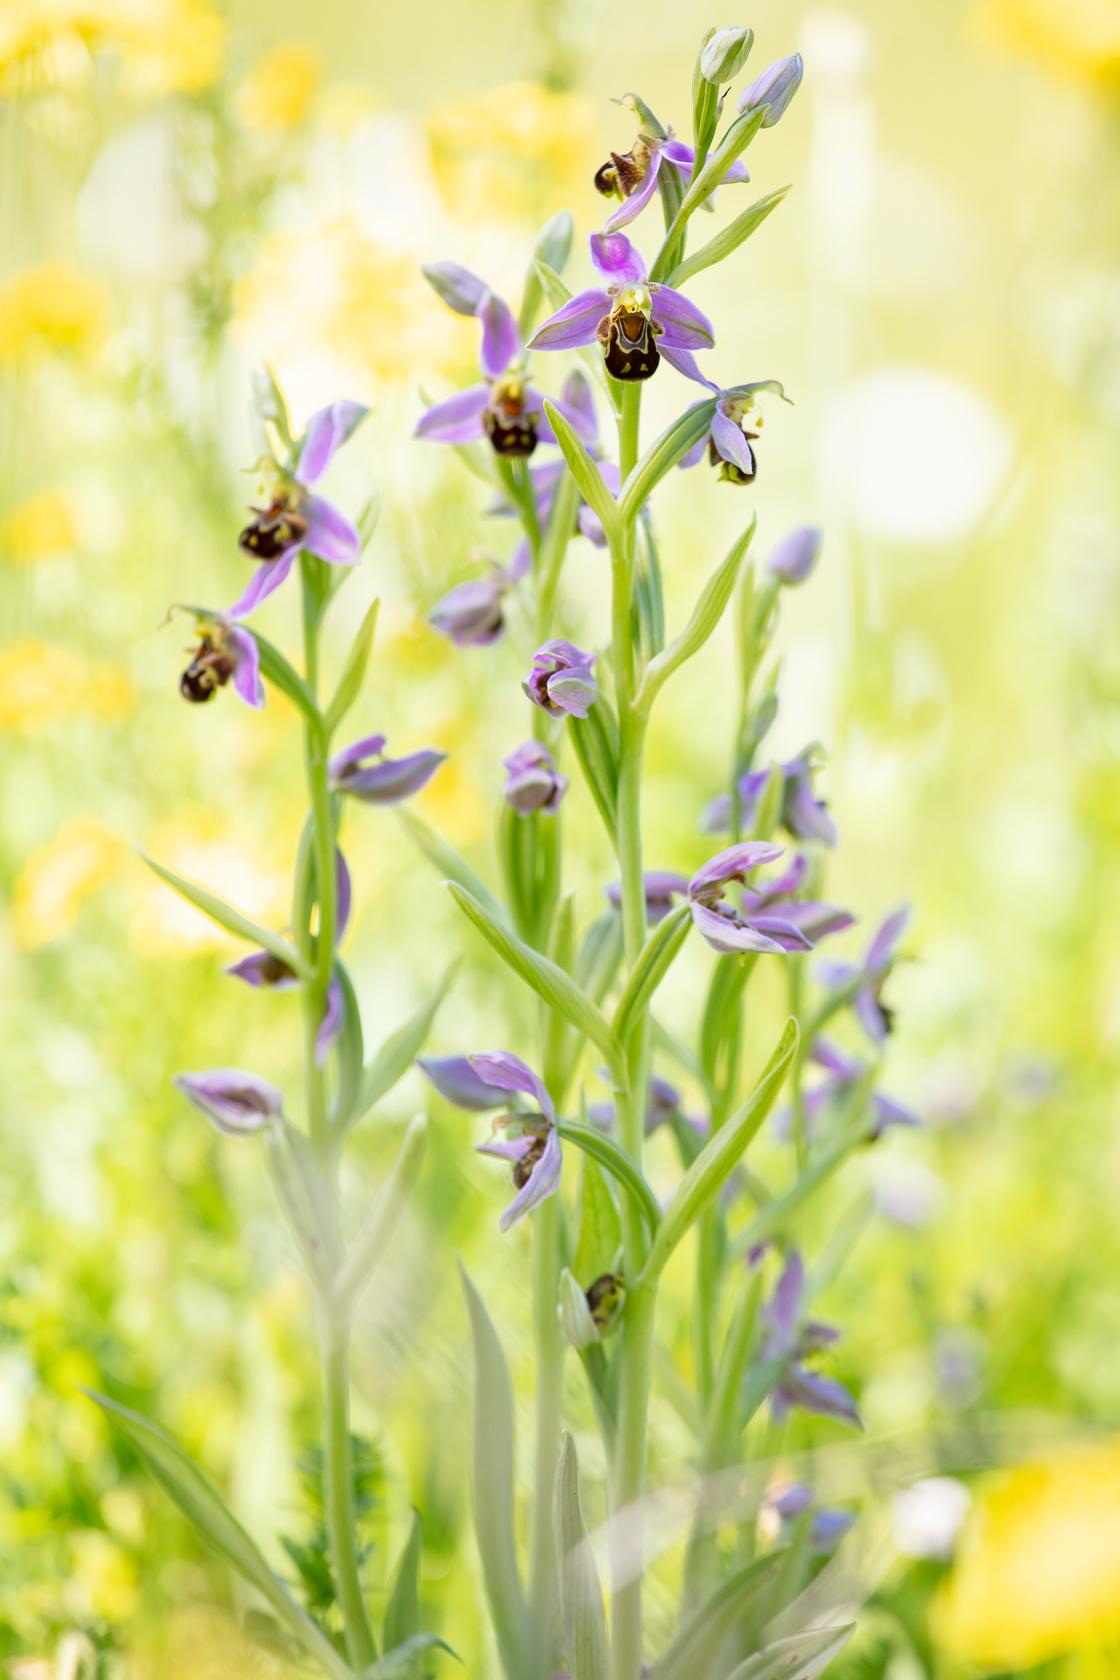 orchidée ophrys abeille (Ophrys apifera) dans une prairie en Dordogne